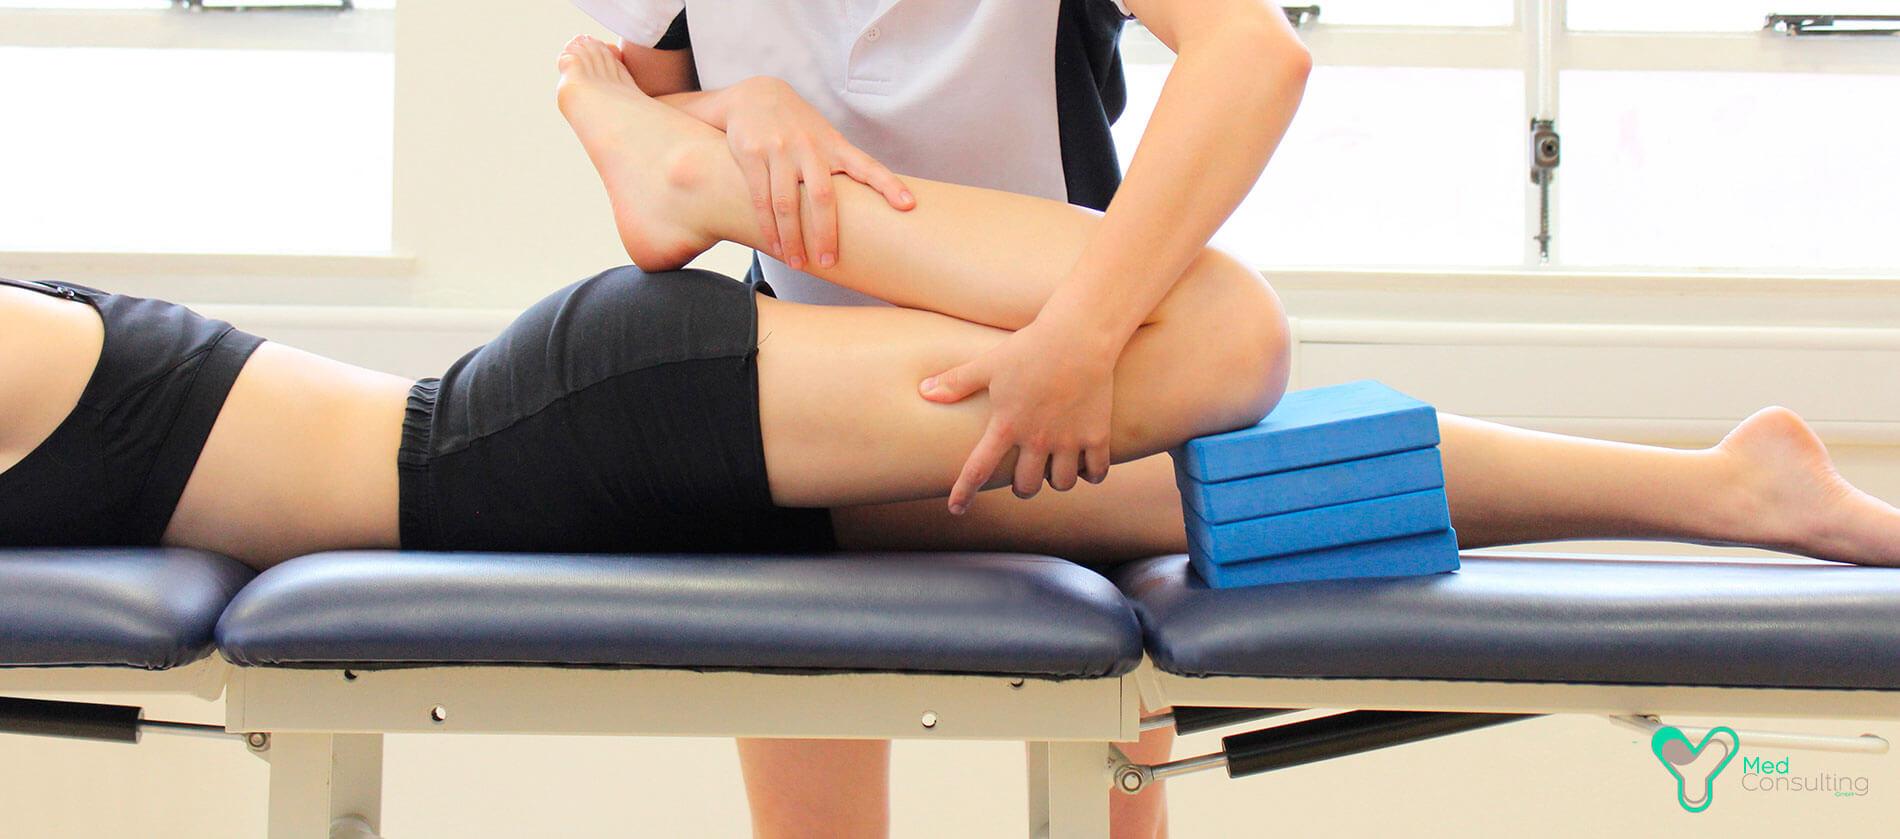 Лечение остеохондроза в Германии